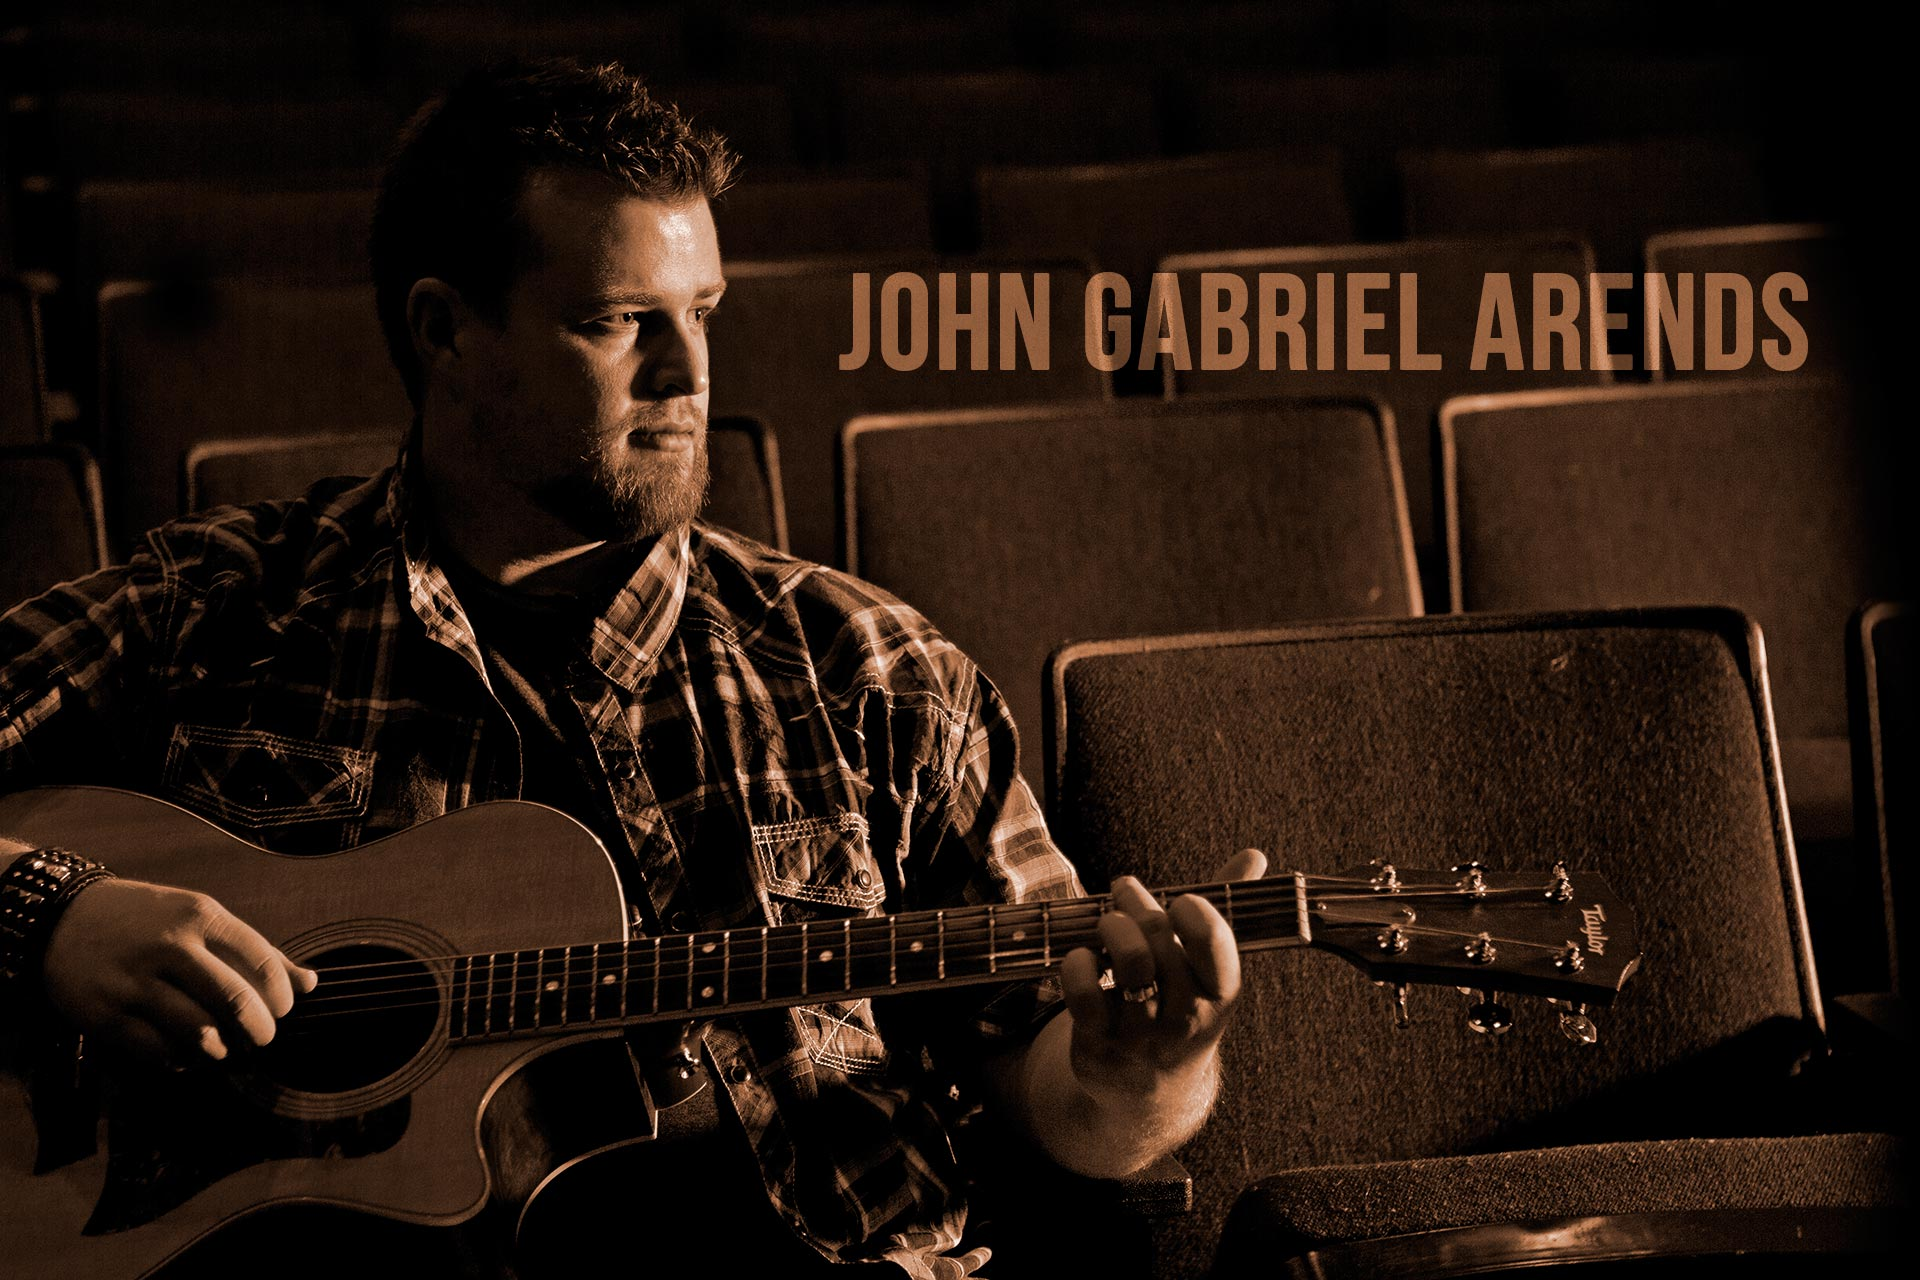 John Gabriel Arends